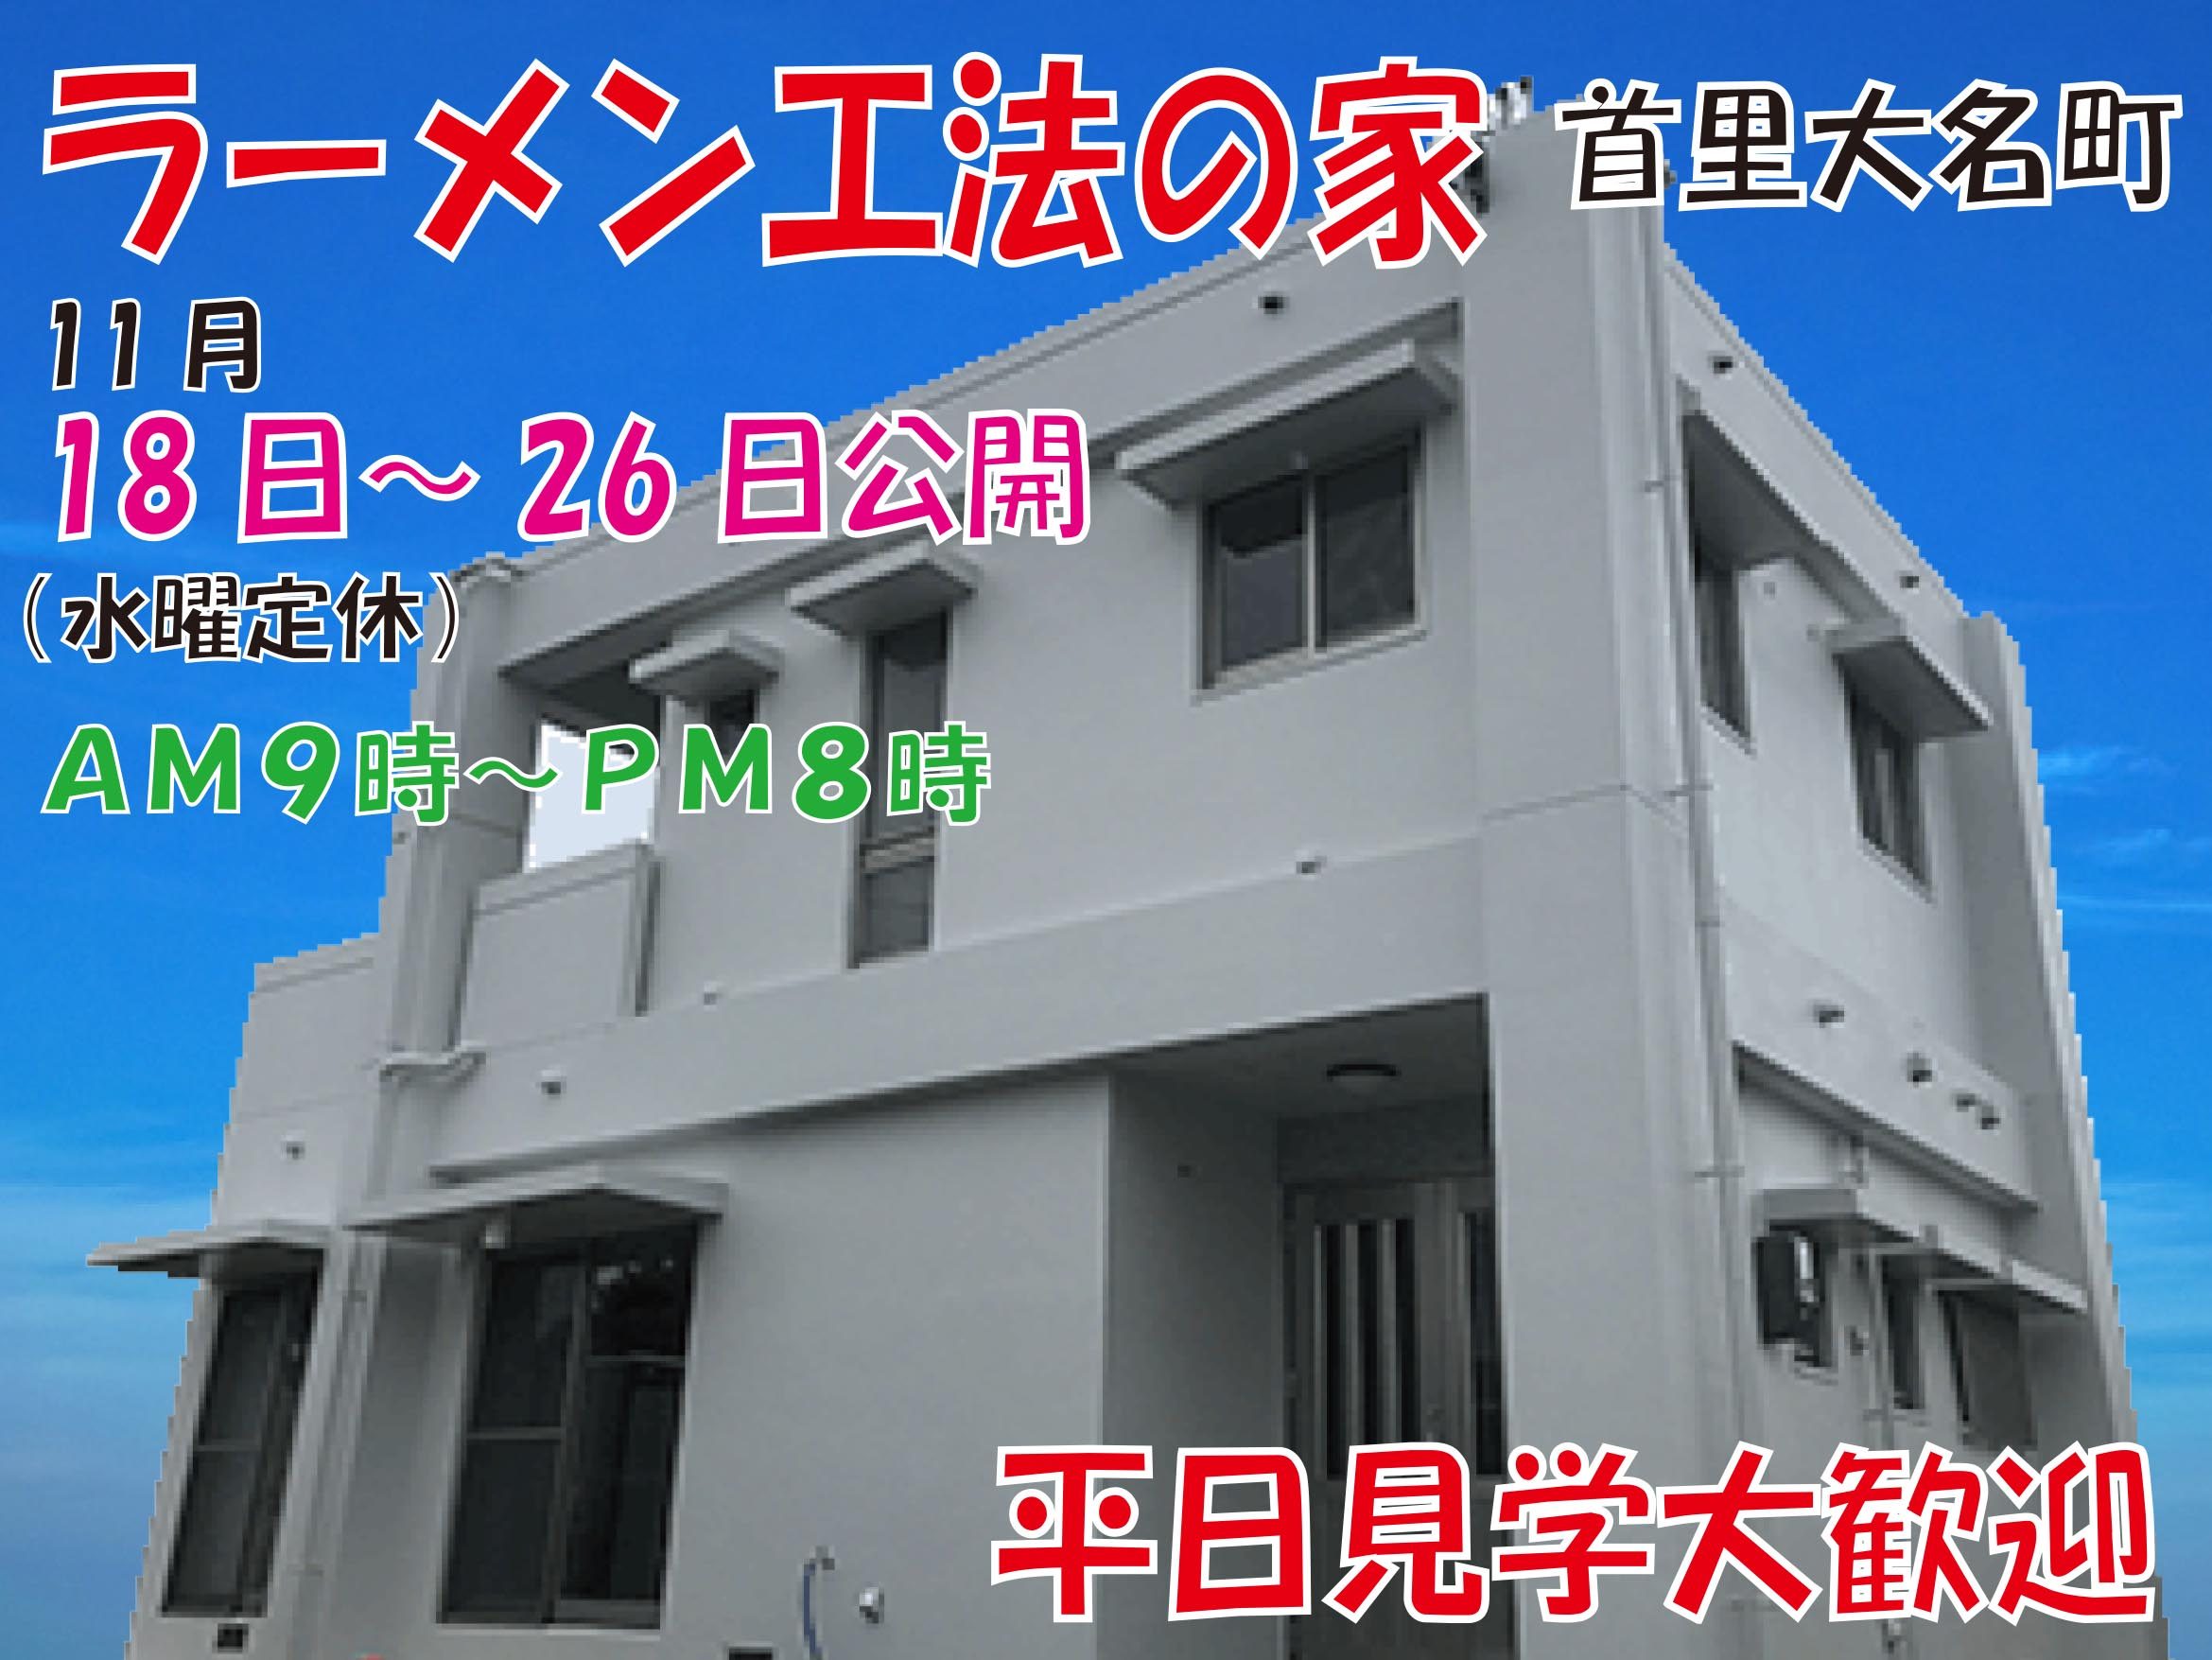 那覇市首里大名にてオープンハウス&無料住宅相談会を開催!